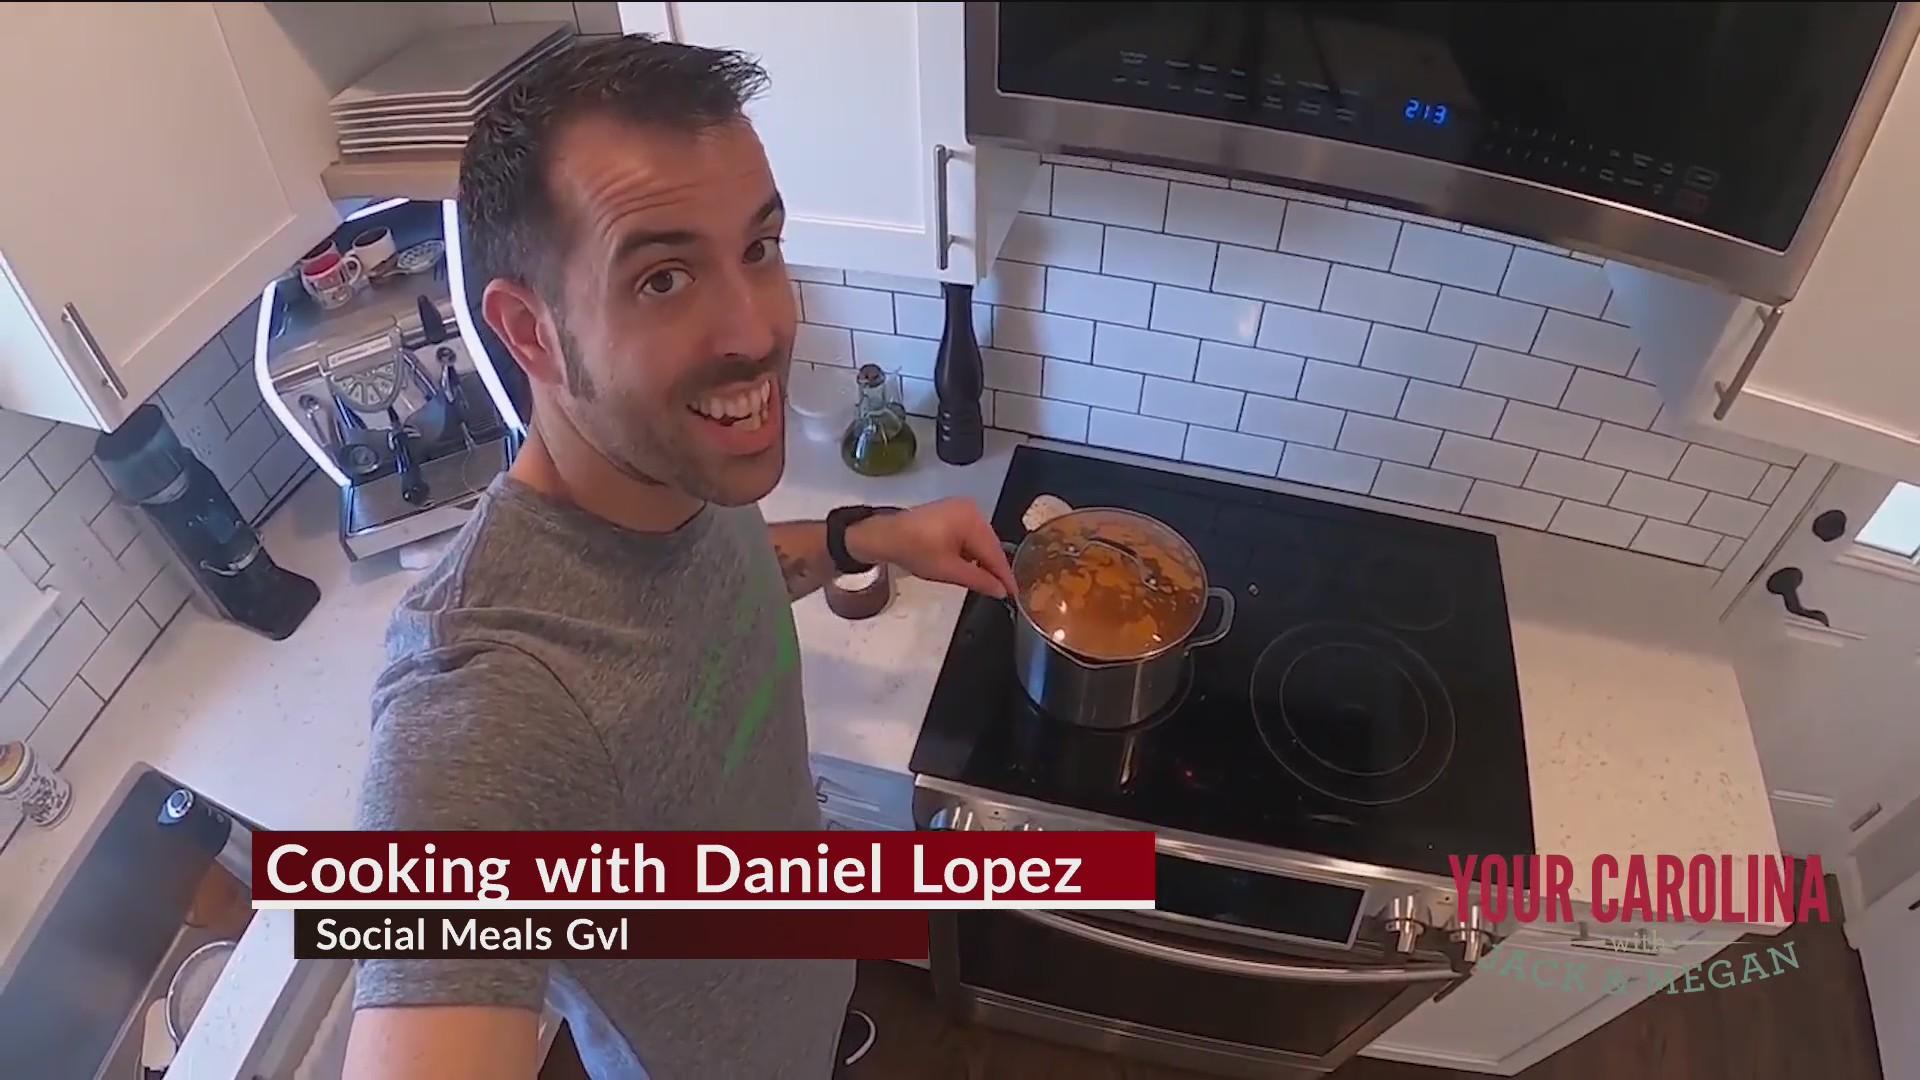 Chef Daniel Lopez